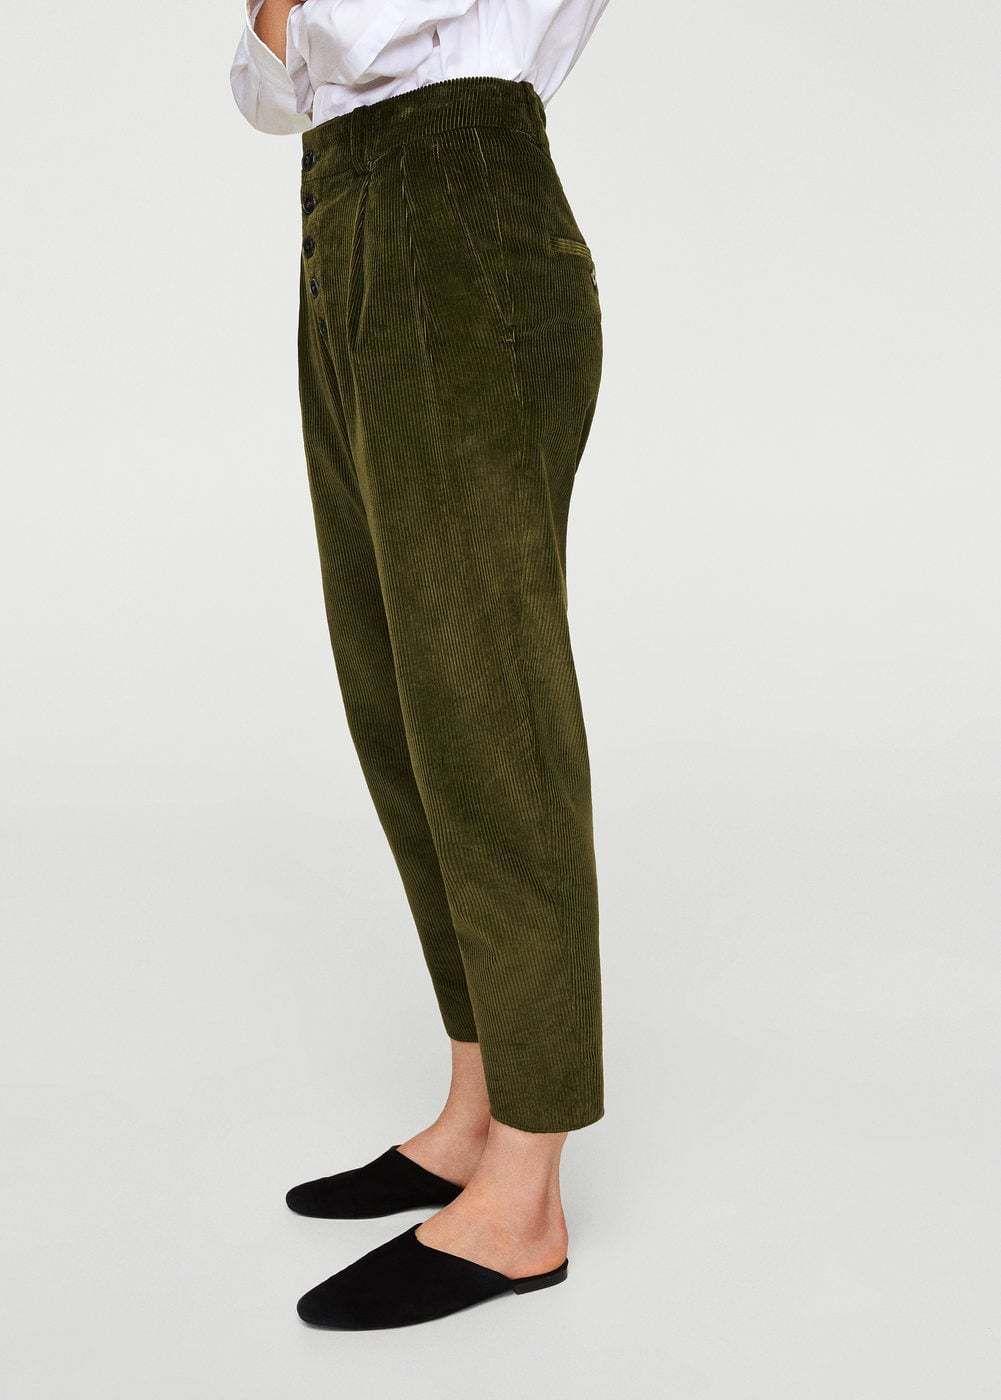 Vuelve La Pana Pantalones De Pana Ropa Femenina De Invierno Ropa